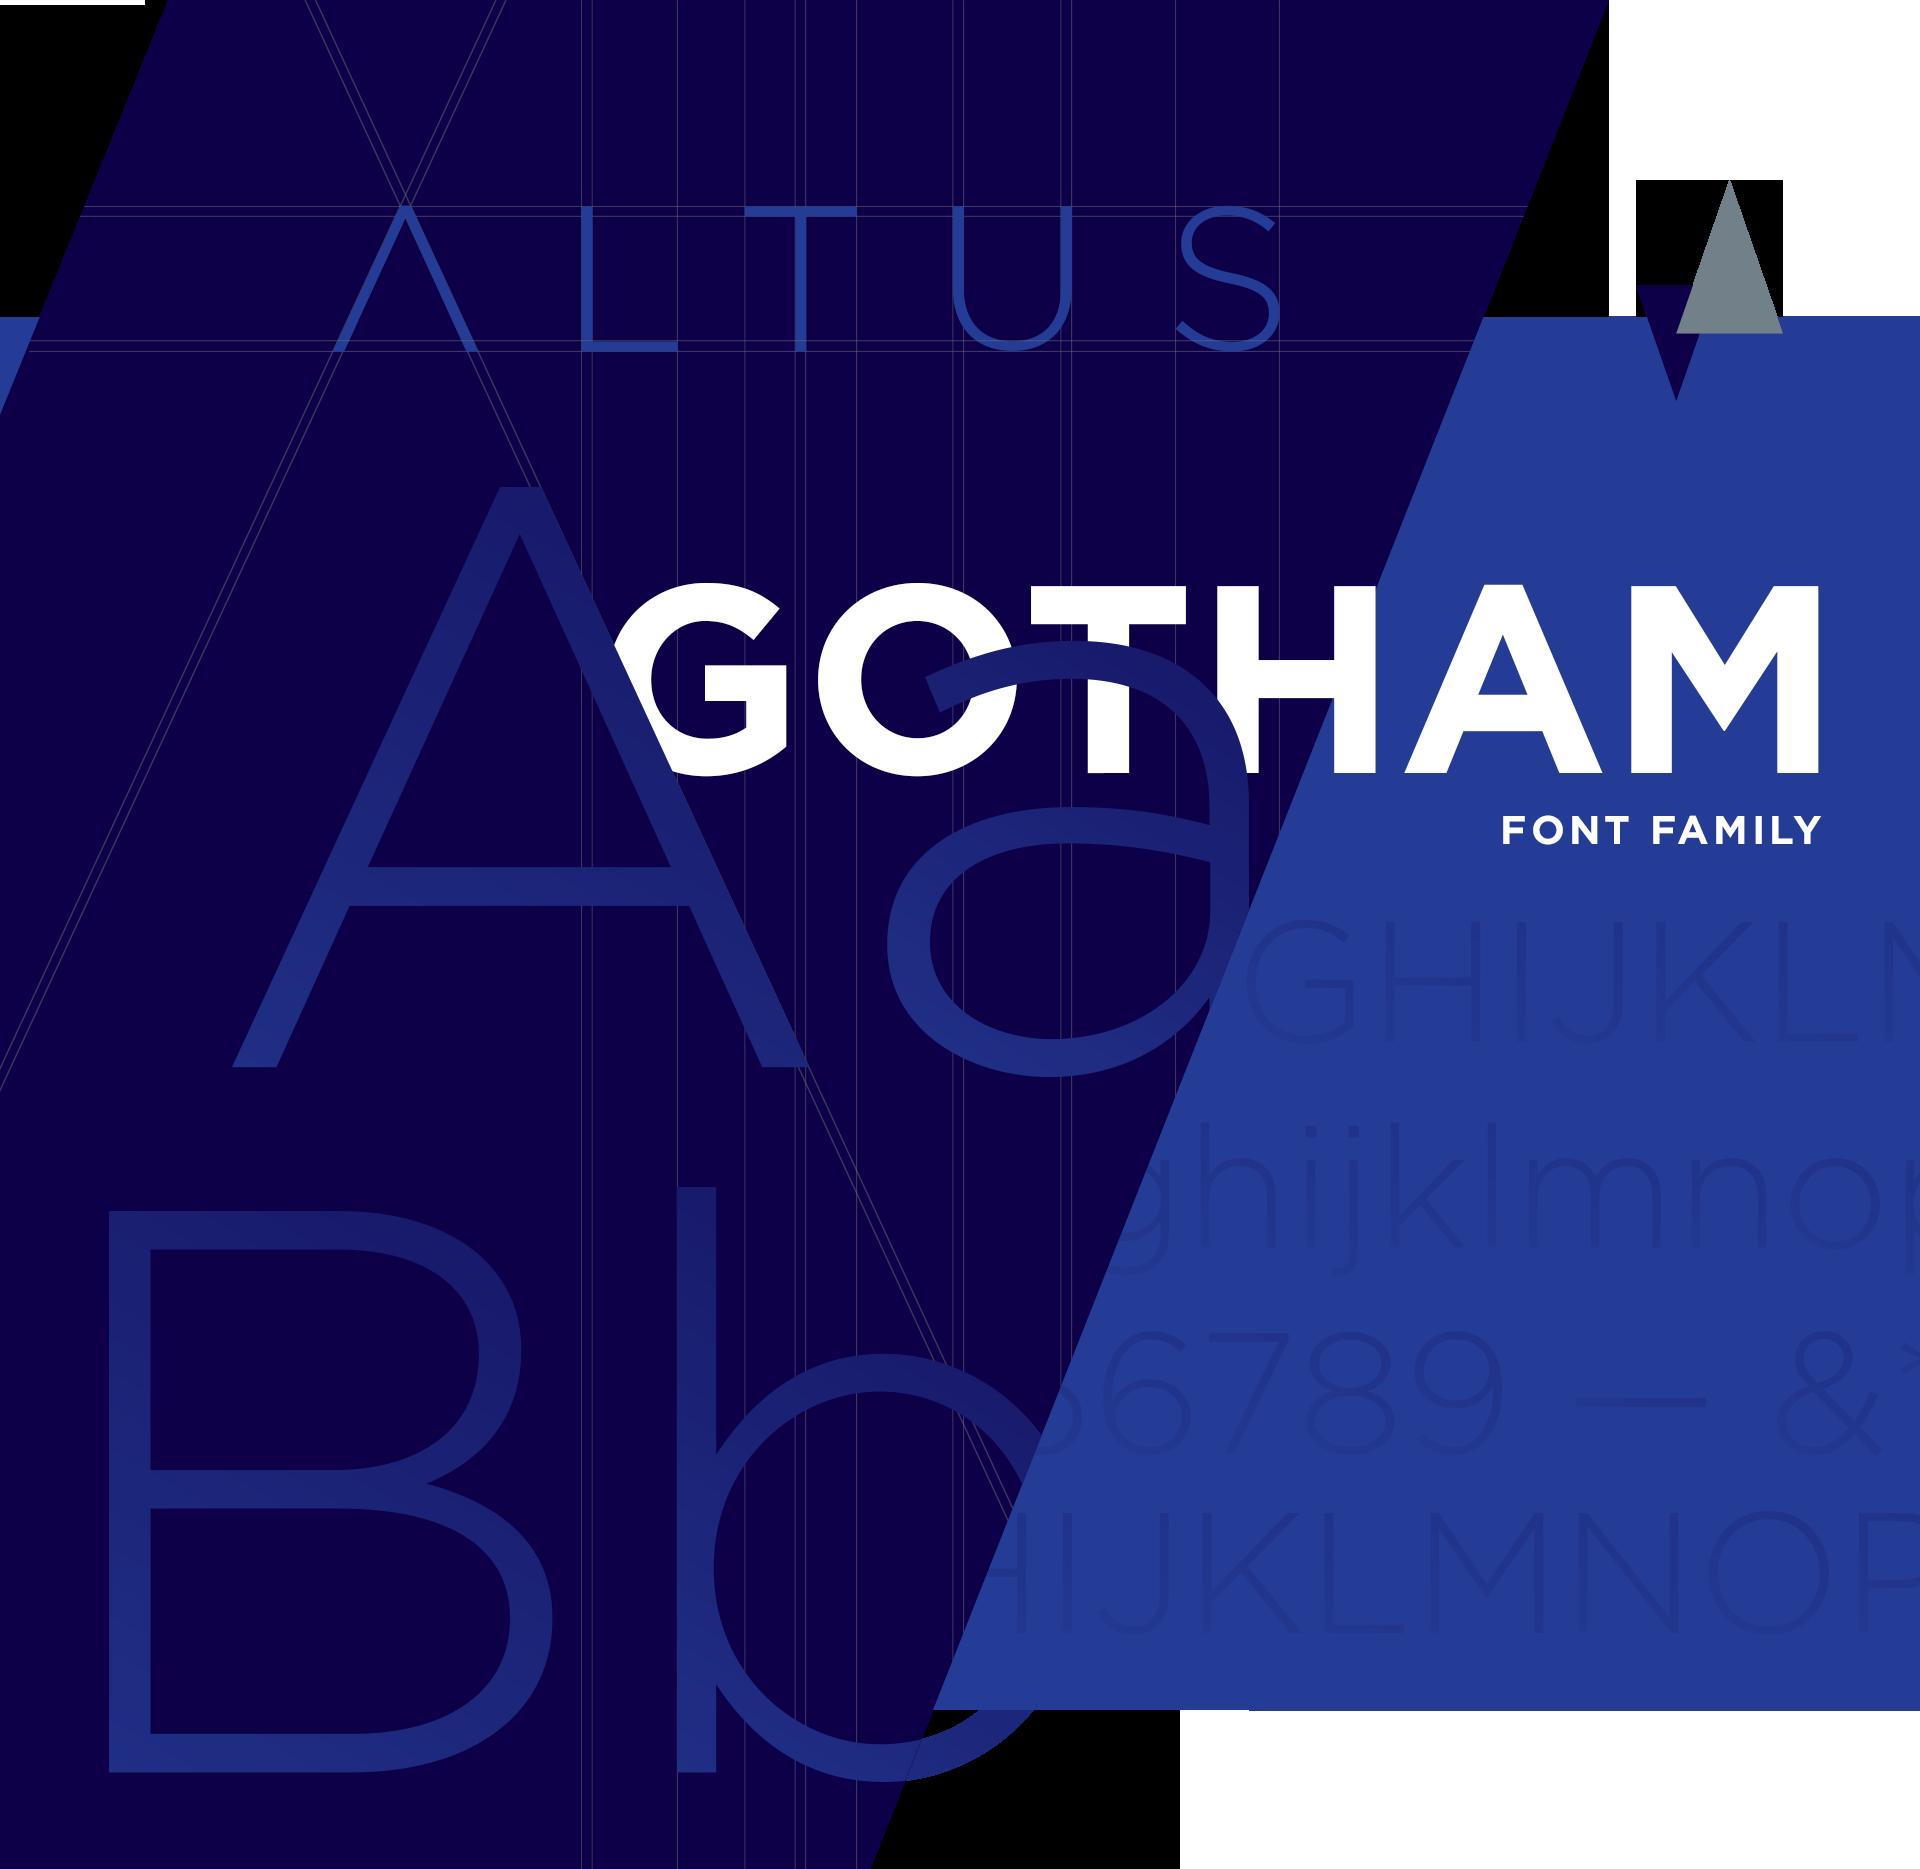 043_altus_typography